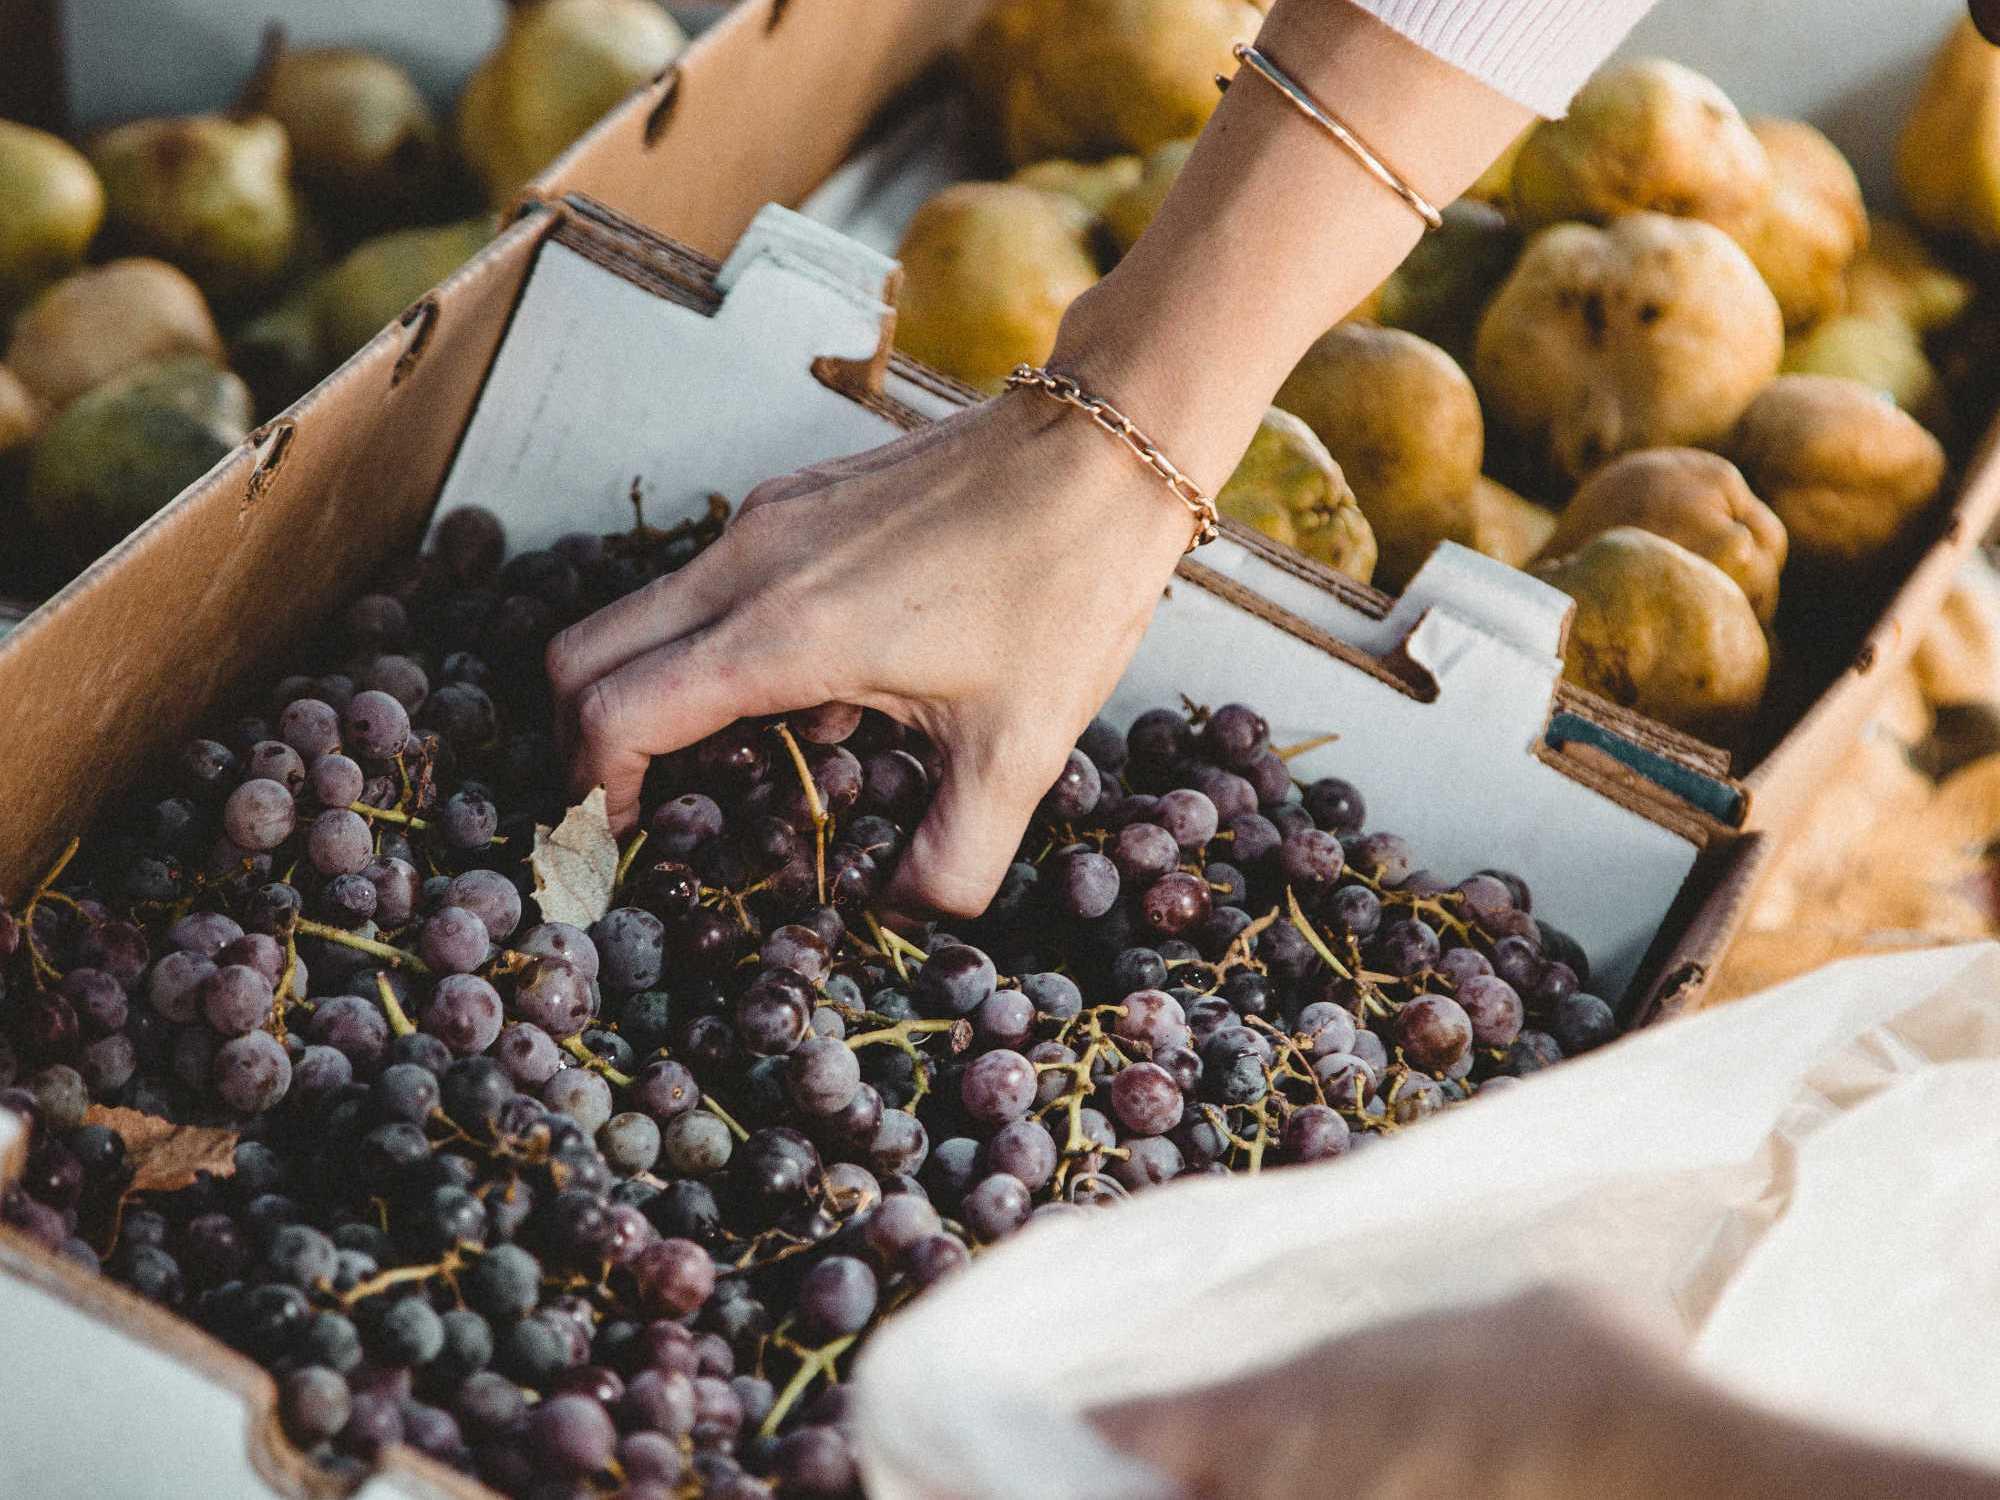 Rayon fruits et légumes : son emplacement peut aider les jeunes à mieux manger